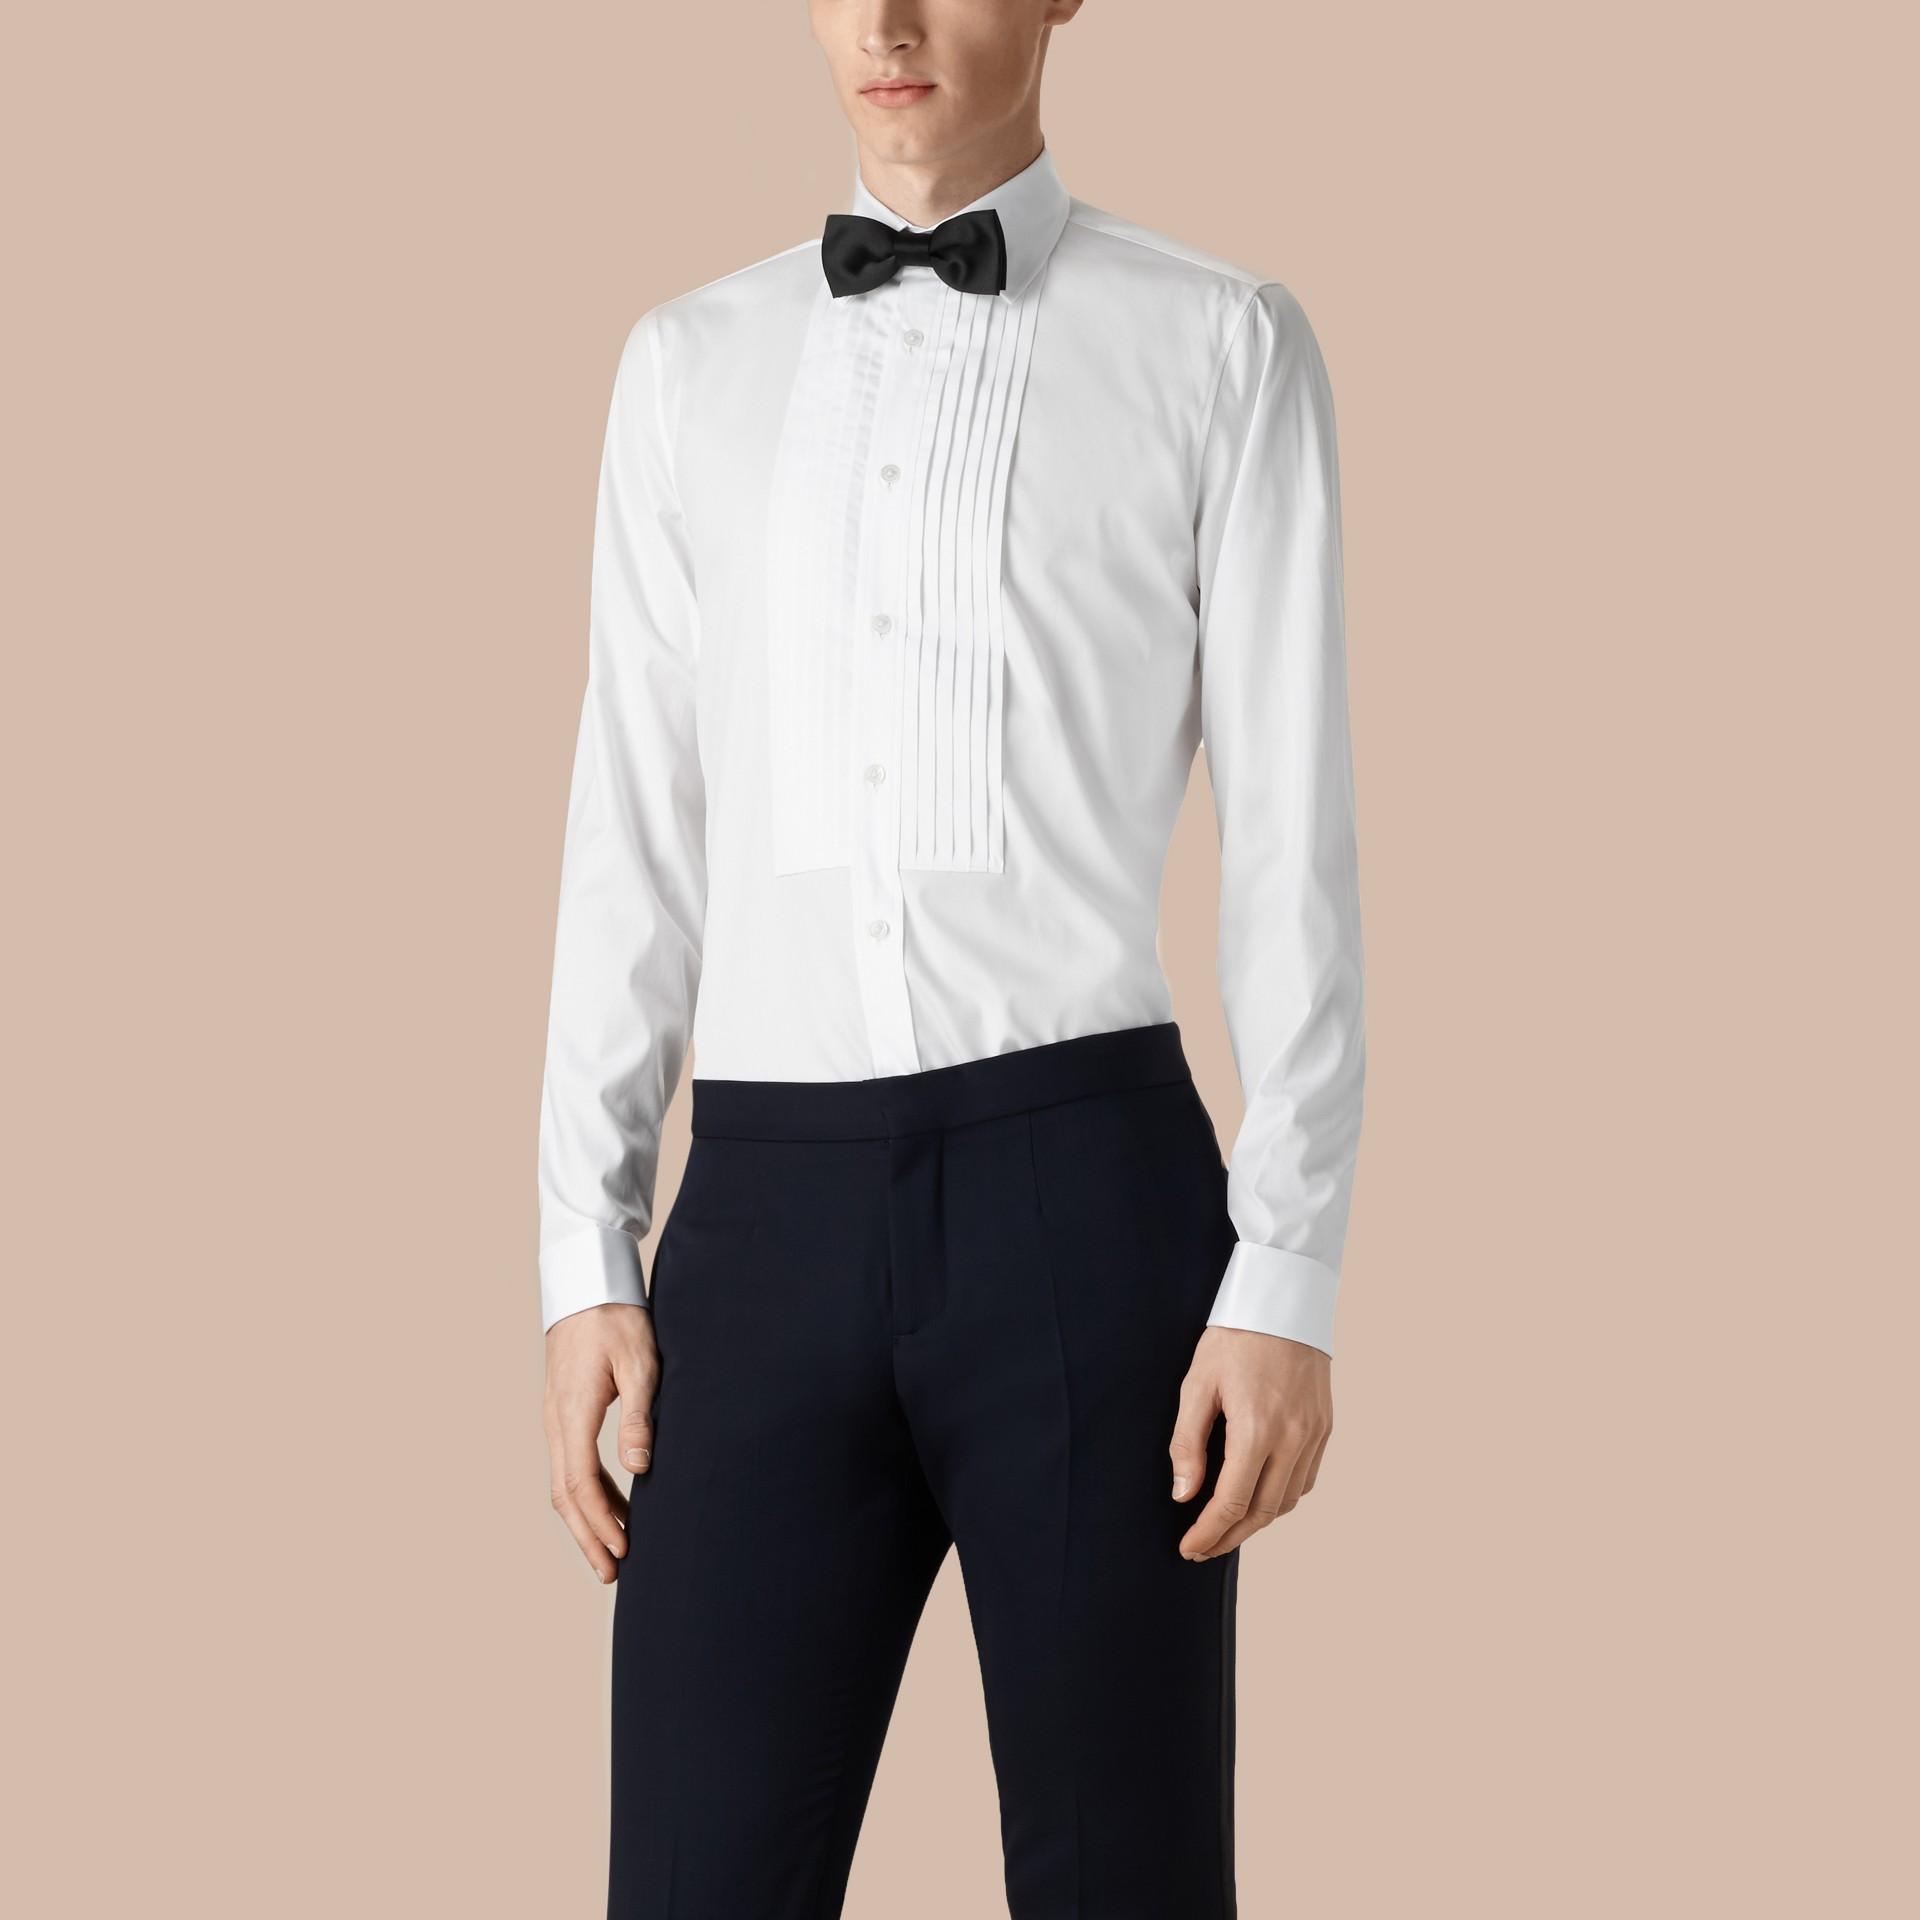 Branco ótico Camisa social de algodão com corte slim - galeria de imagens 1